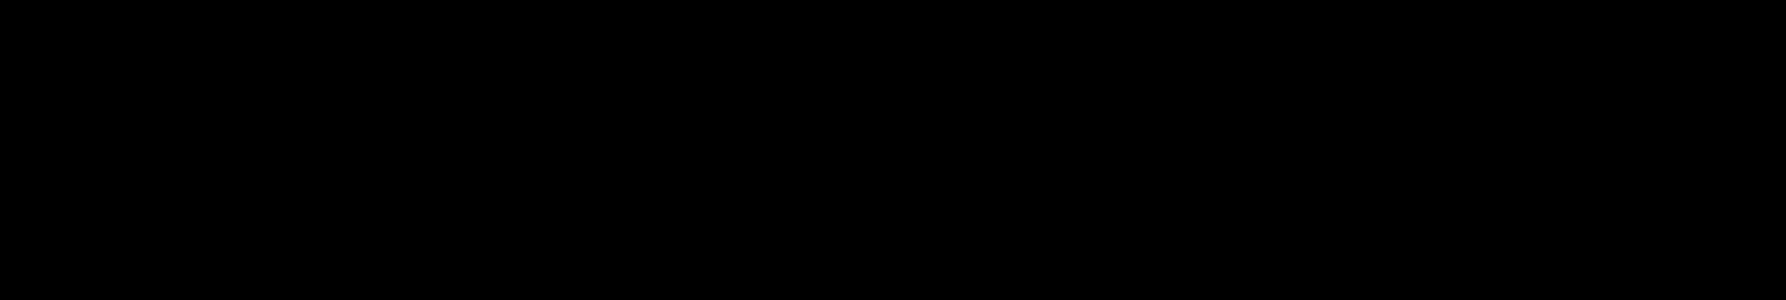 【公式】阿部写真館 徳島,大阪,京都,茨城のフォトスタジオ